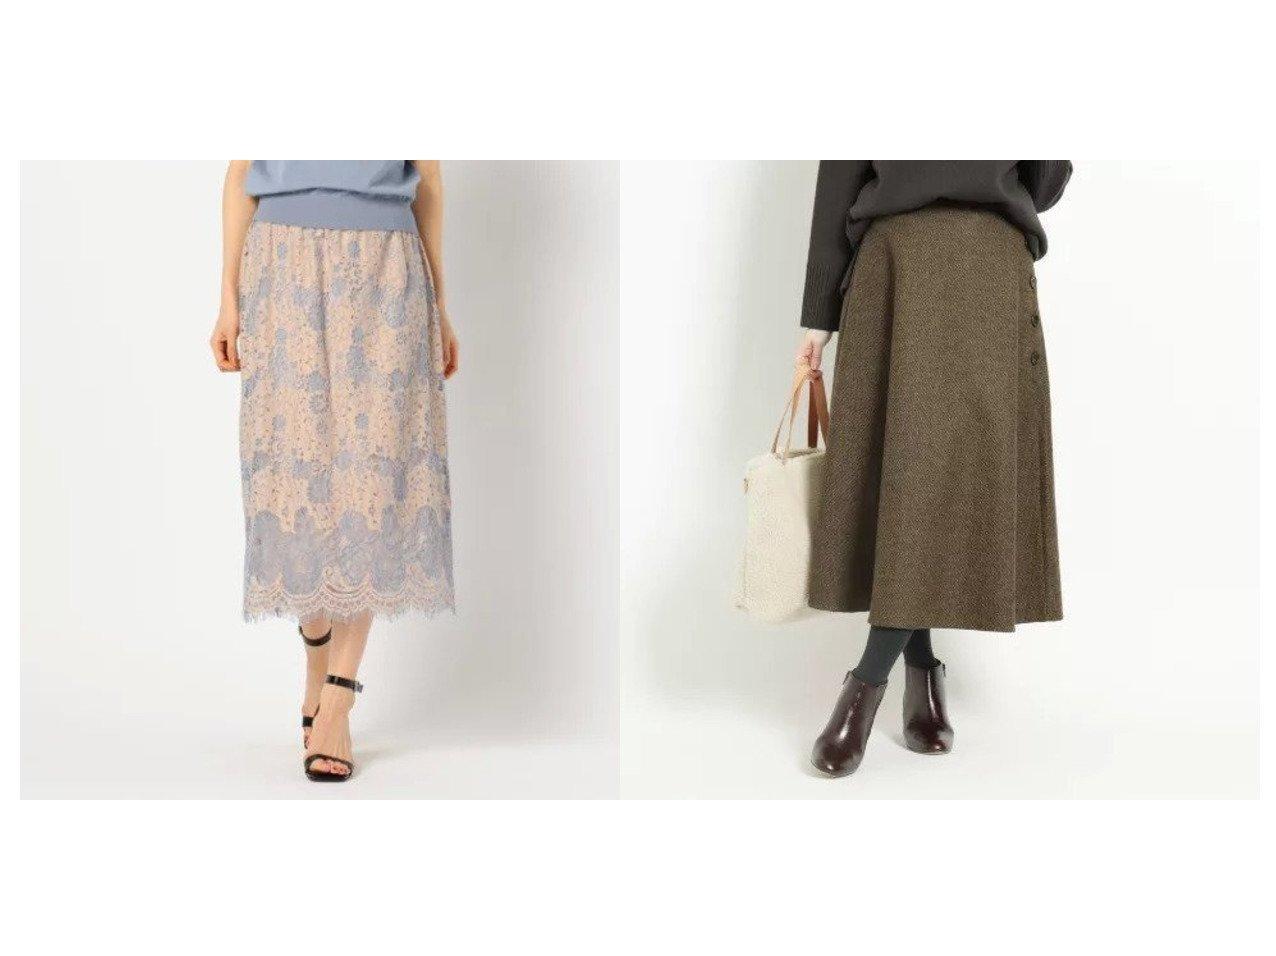 【Dessin/デッサン】の【XS〜Lサイズあり】フレアースカート&【NOLLEY'S sophi/ノーリーズソフィー】のウエストリブレーススカート スカートのおすすめ!人気、トレンド・レディースファッションの通販  おすすめで人気の流行・トレンド、ファッションの通販商品 メンズファッション・キッズファッション・インテリア・家具・レディースファッション・服の通販 founy(ファニー) https://founy.com/ ファッション Fashion レディースファッション WOMEN スカート Skirt エレガント カーディガン スウェット セットアップ マキシ レース ロング クラシカル ツィード ツイード ネップ フレアースカート ポケット ミックス |ID:crp329100000009738